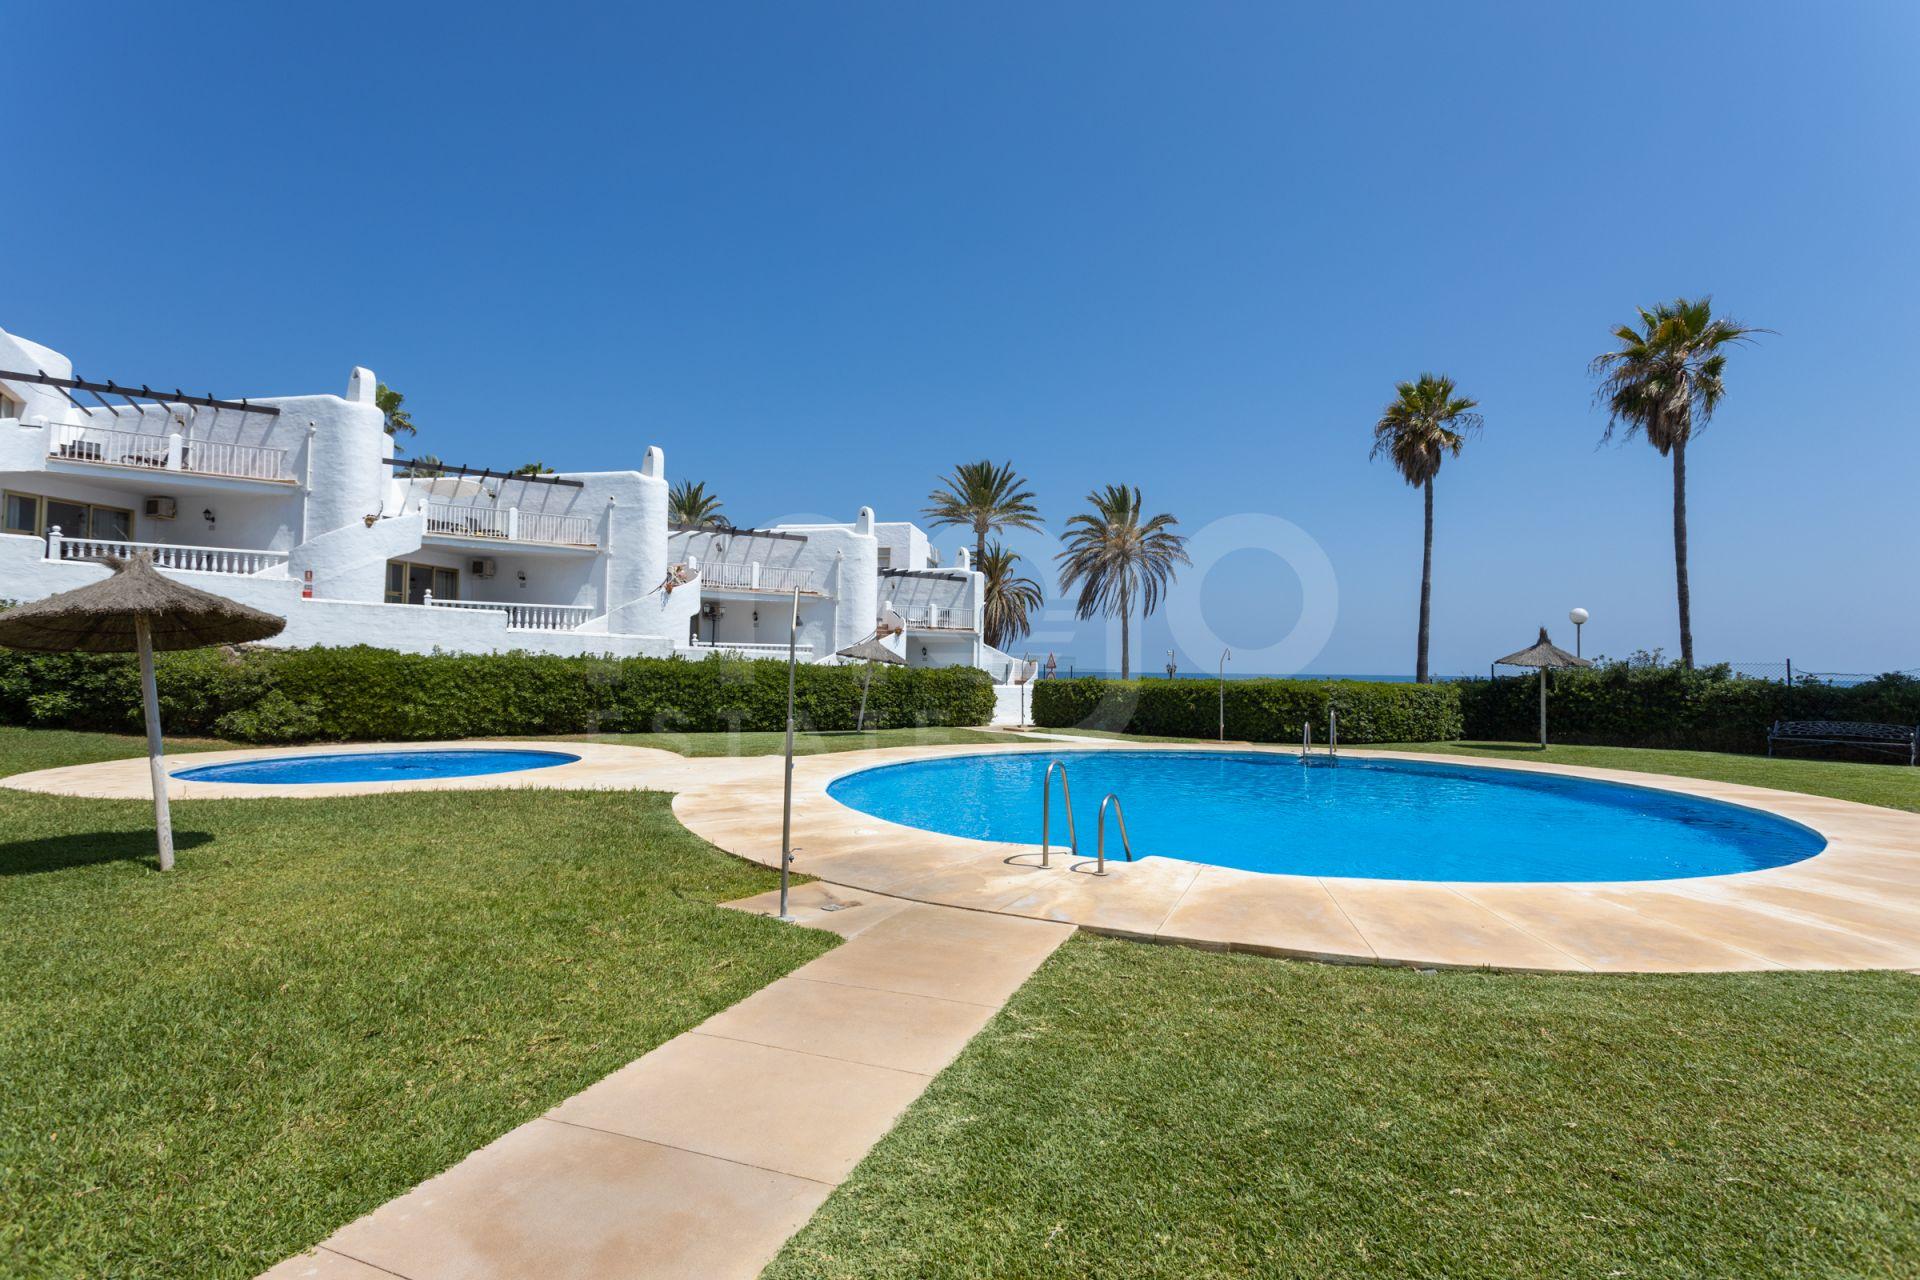 Bonito apartamento de 2 dormitorios ubicado en primera línea de playa en Calahonda!